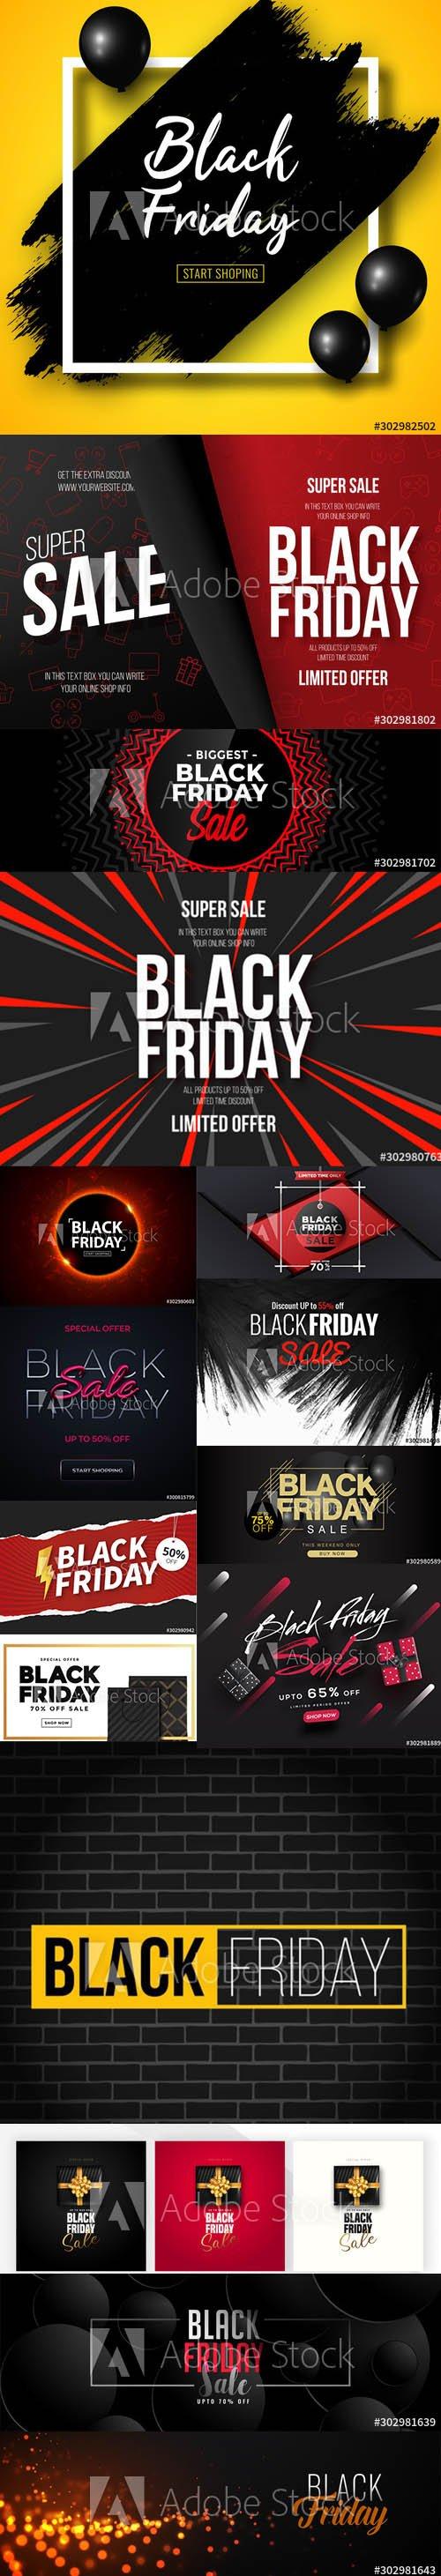 Black Friday Sale Banner Illustrations Pack